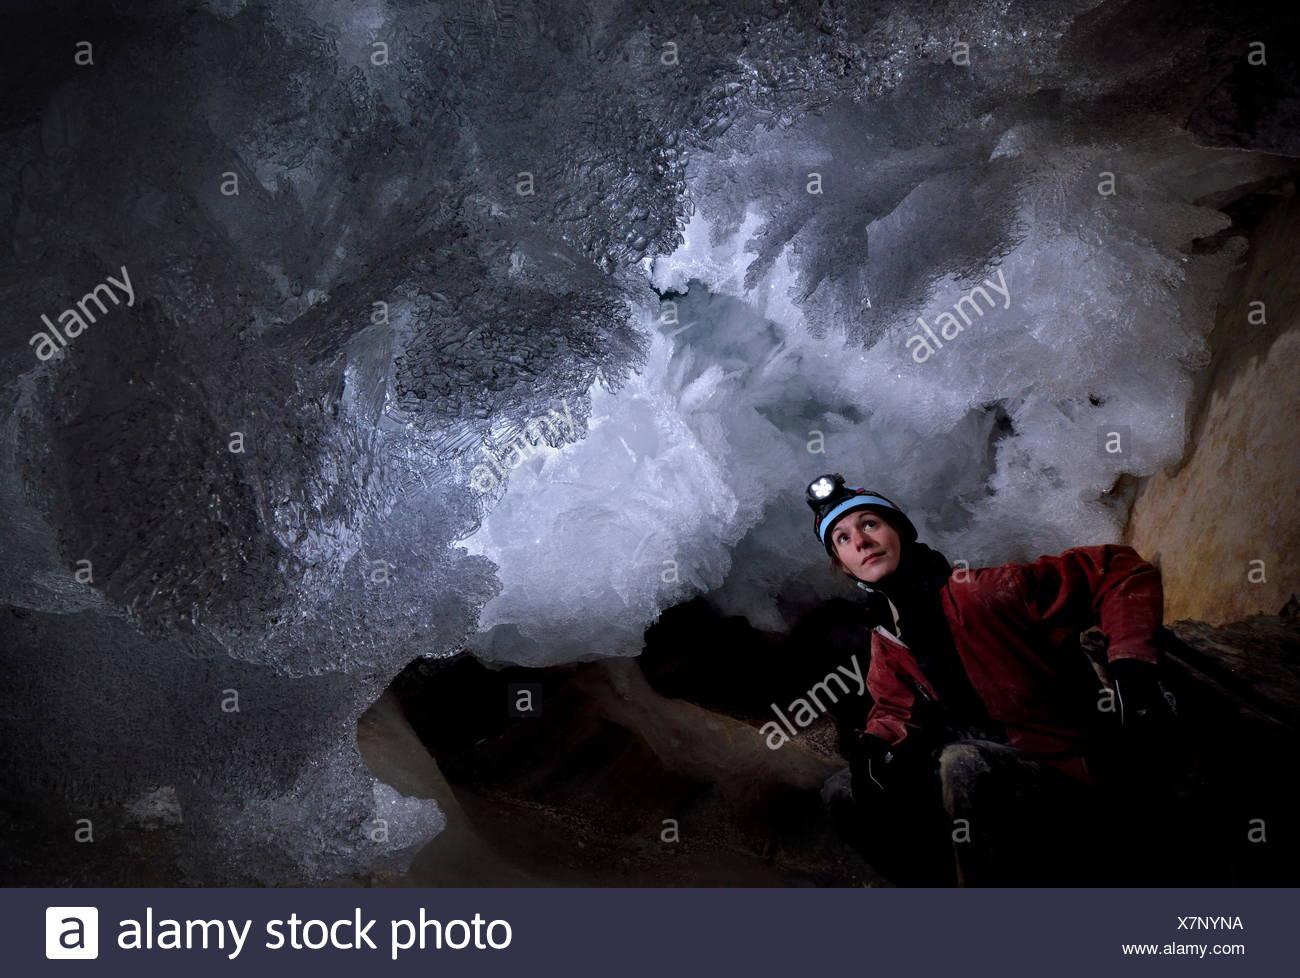 Un scientifique dates la caverne cryogénique de carbonates et examine les délicats cristaux de givre dans le toit d'une petite grotte dans Mammuthoehle Dachstein. Photo Stock